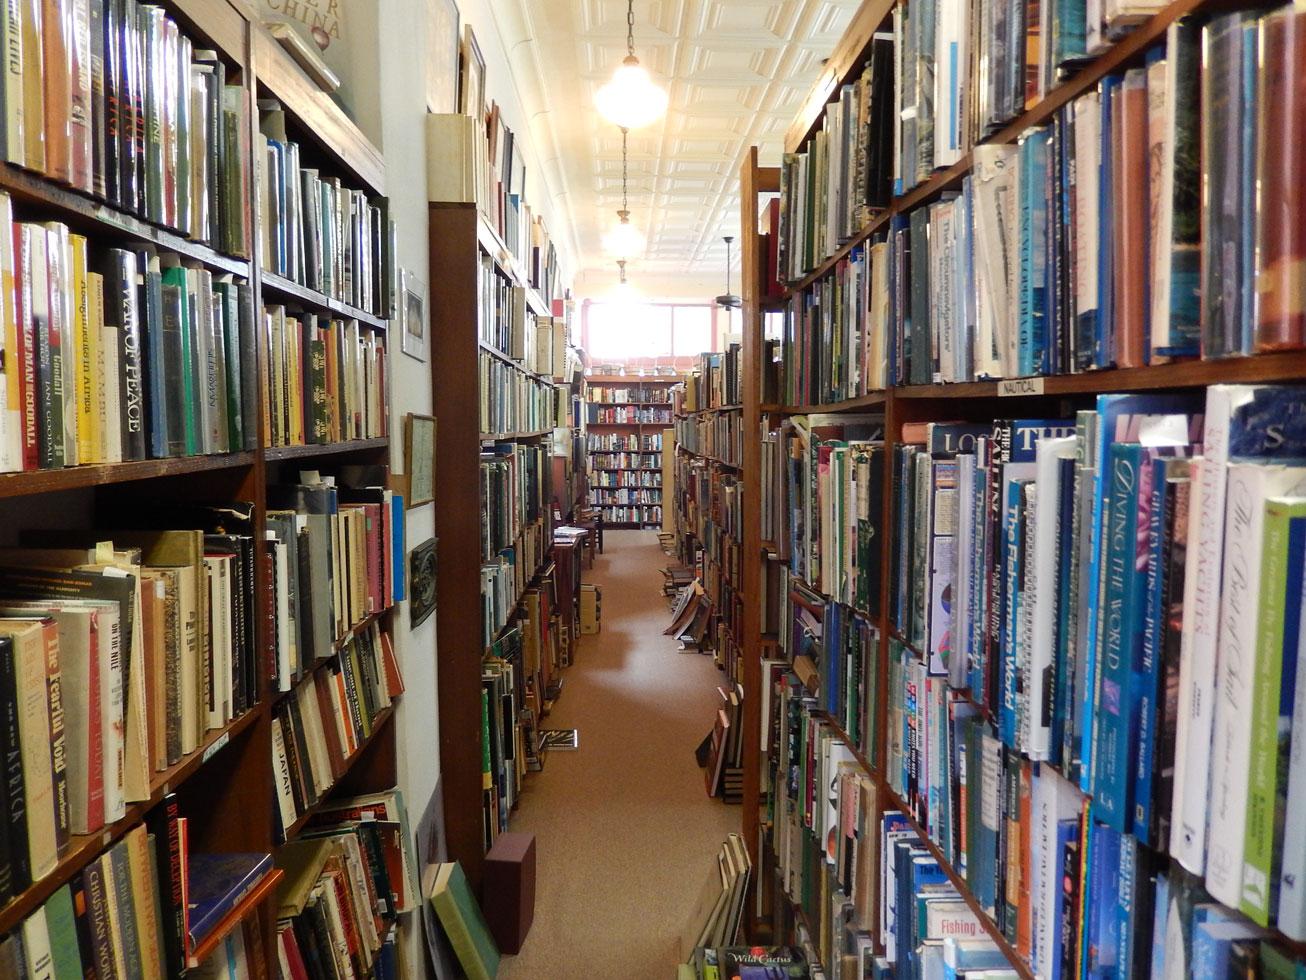 Um passeio por livrarias: Flórida, EUA (Parte 1)